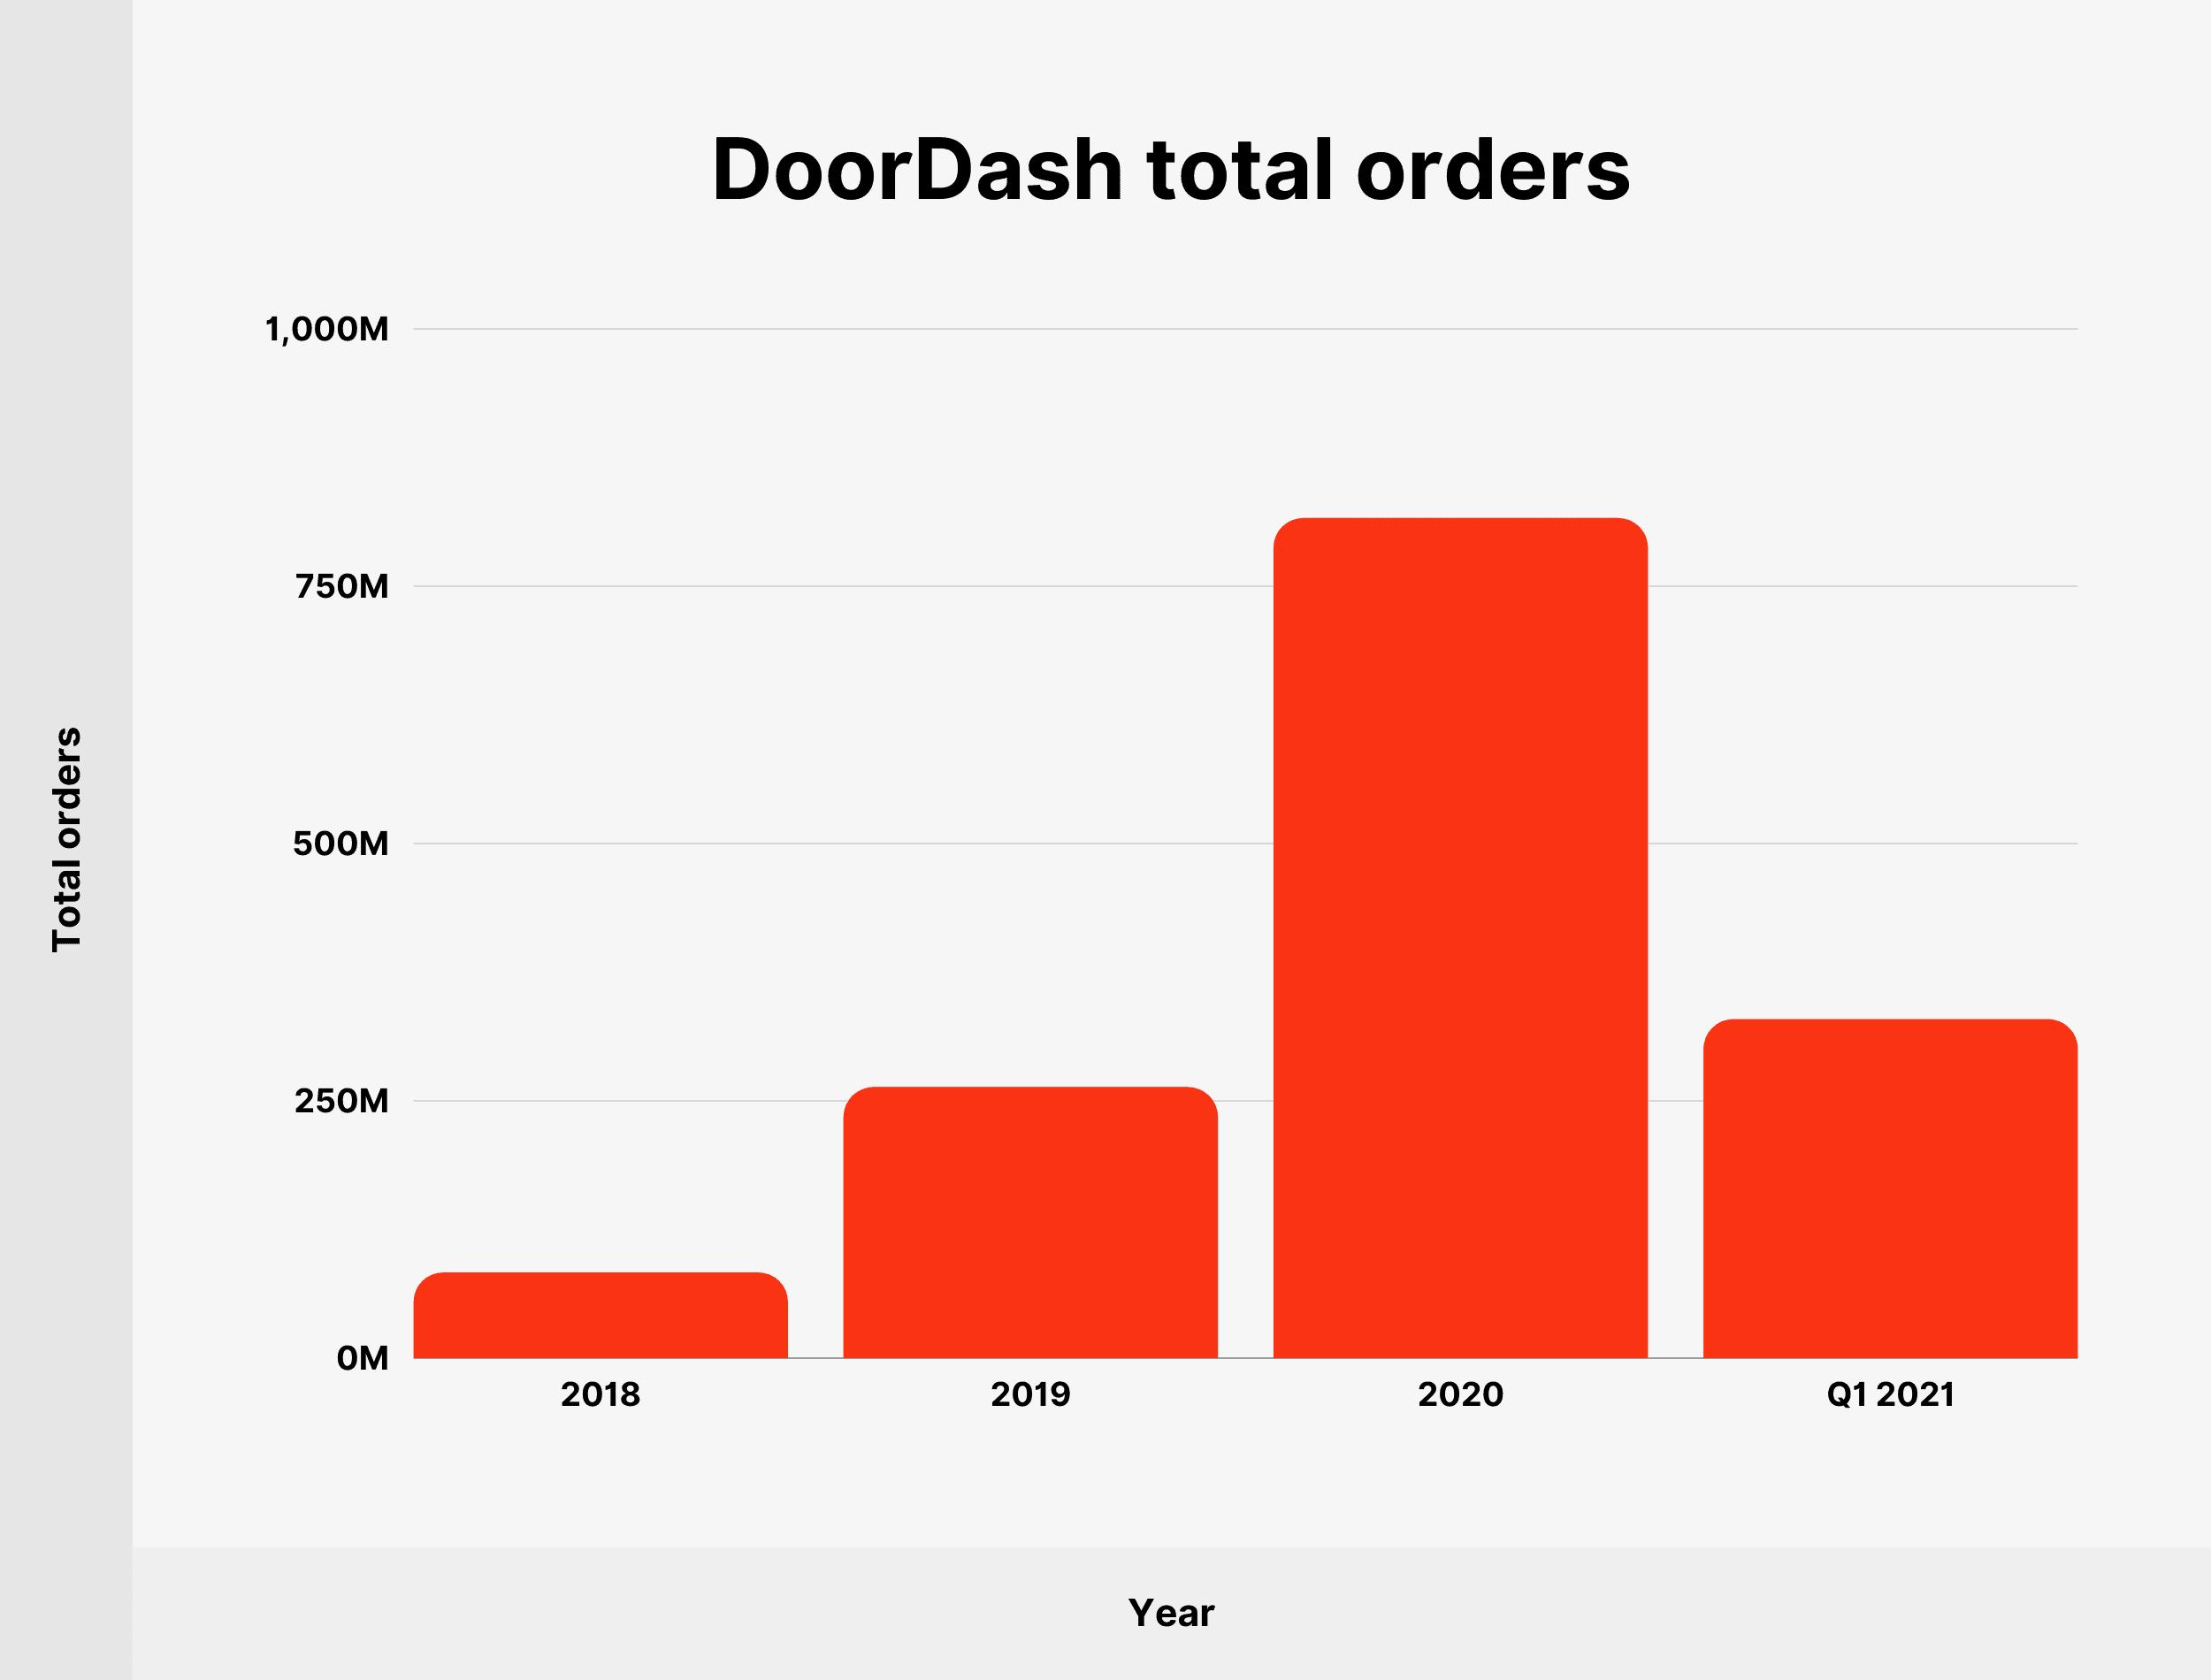 DoorDash total orders